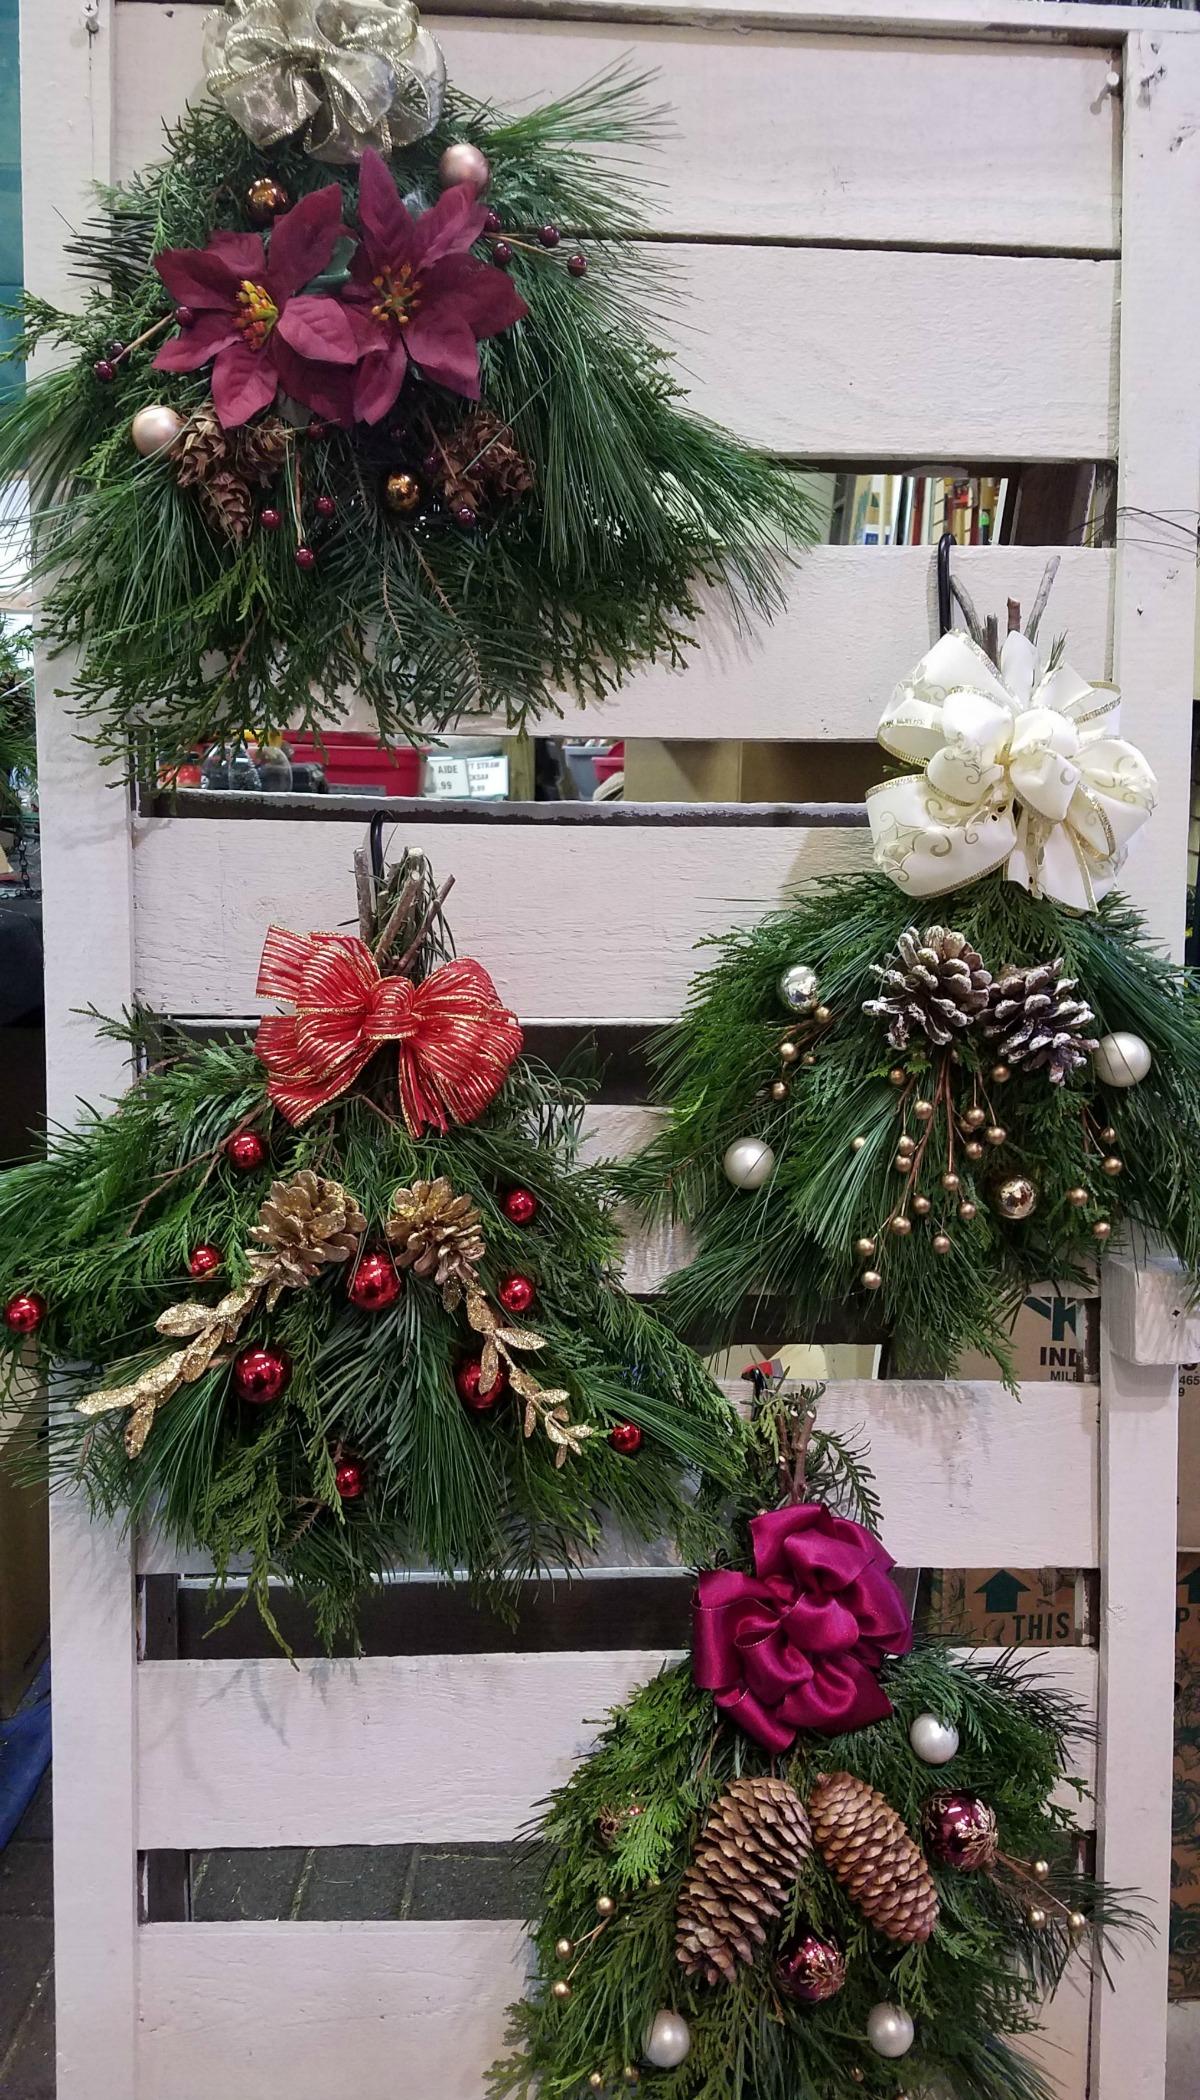 Herbeins Garden Center Christmas Hands